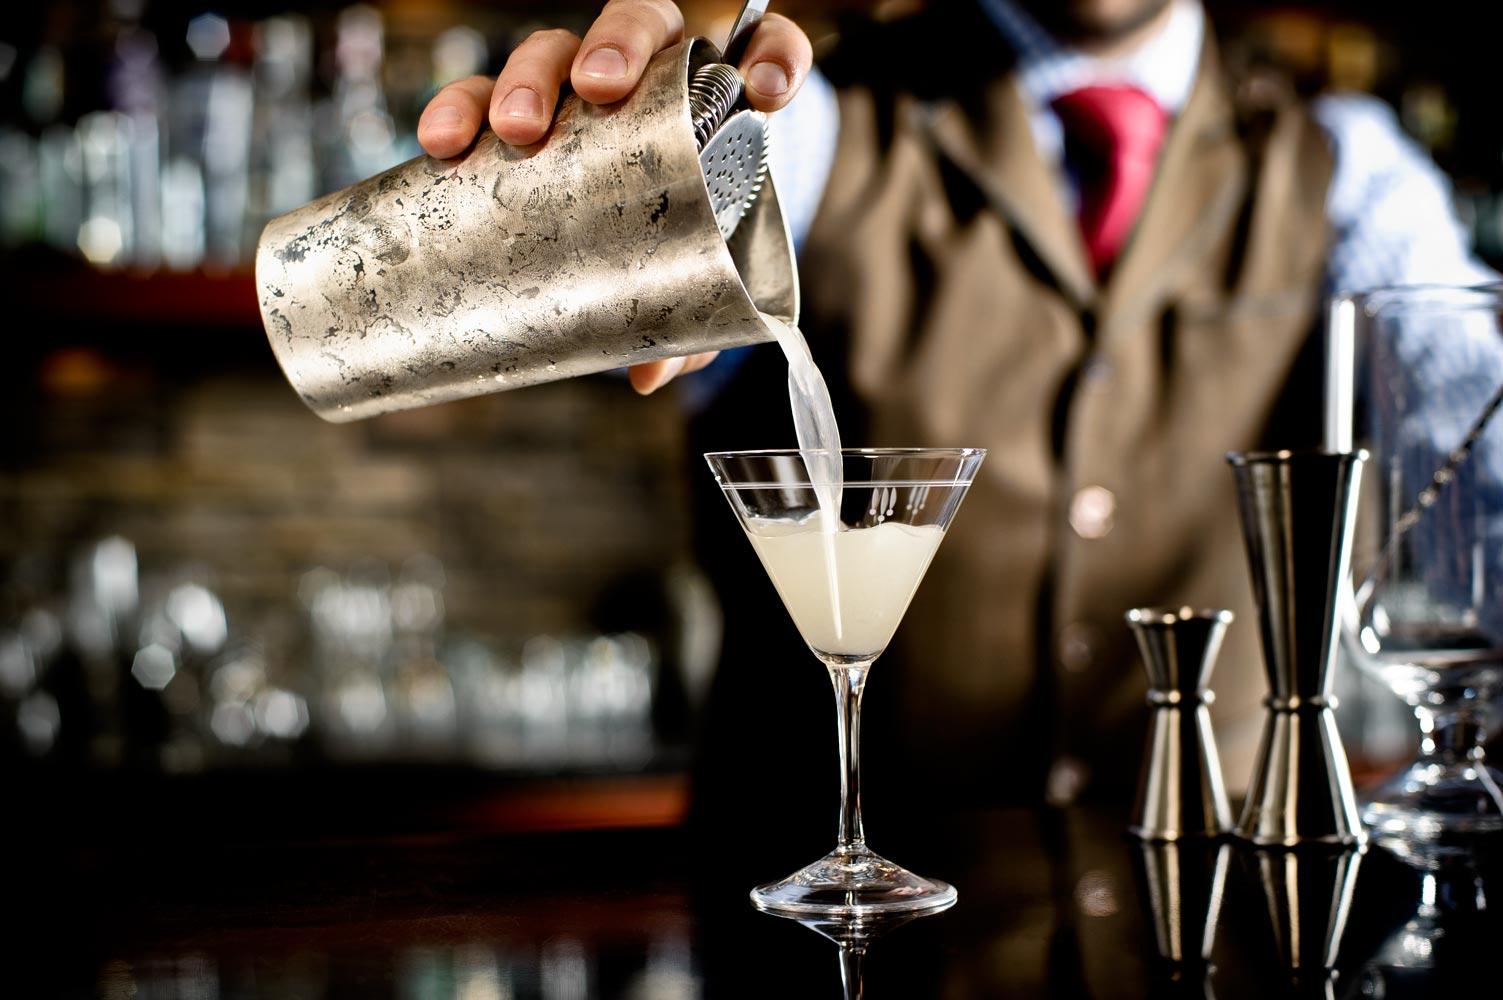 cocktail-pour.jpg